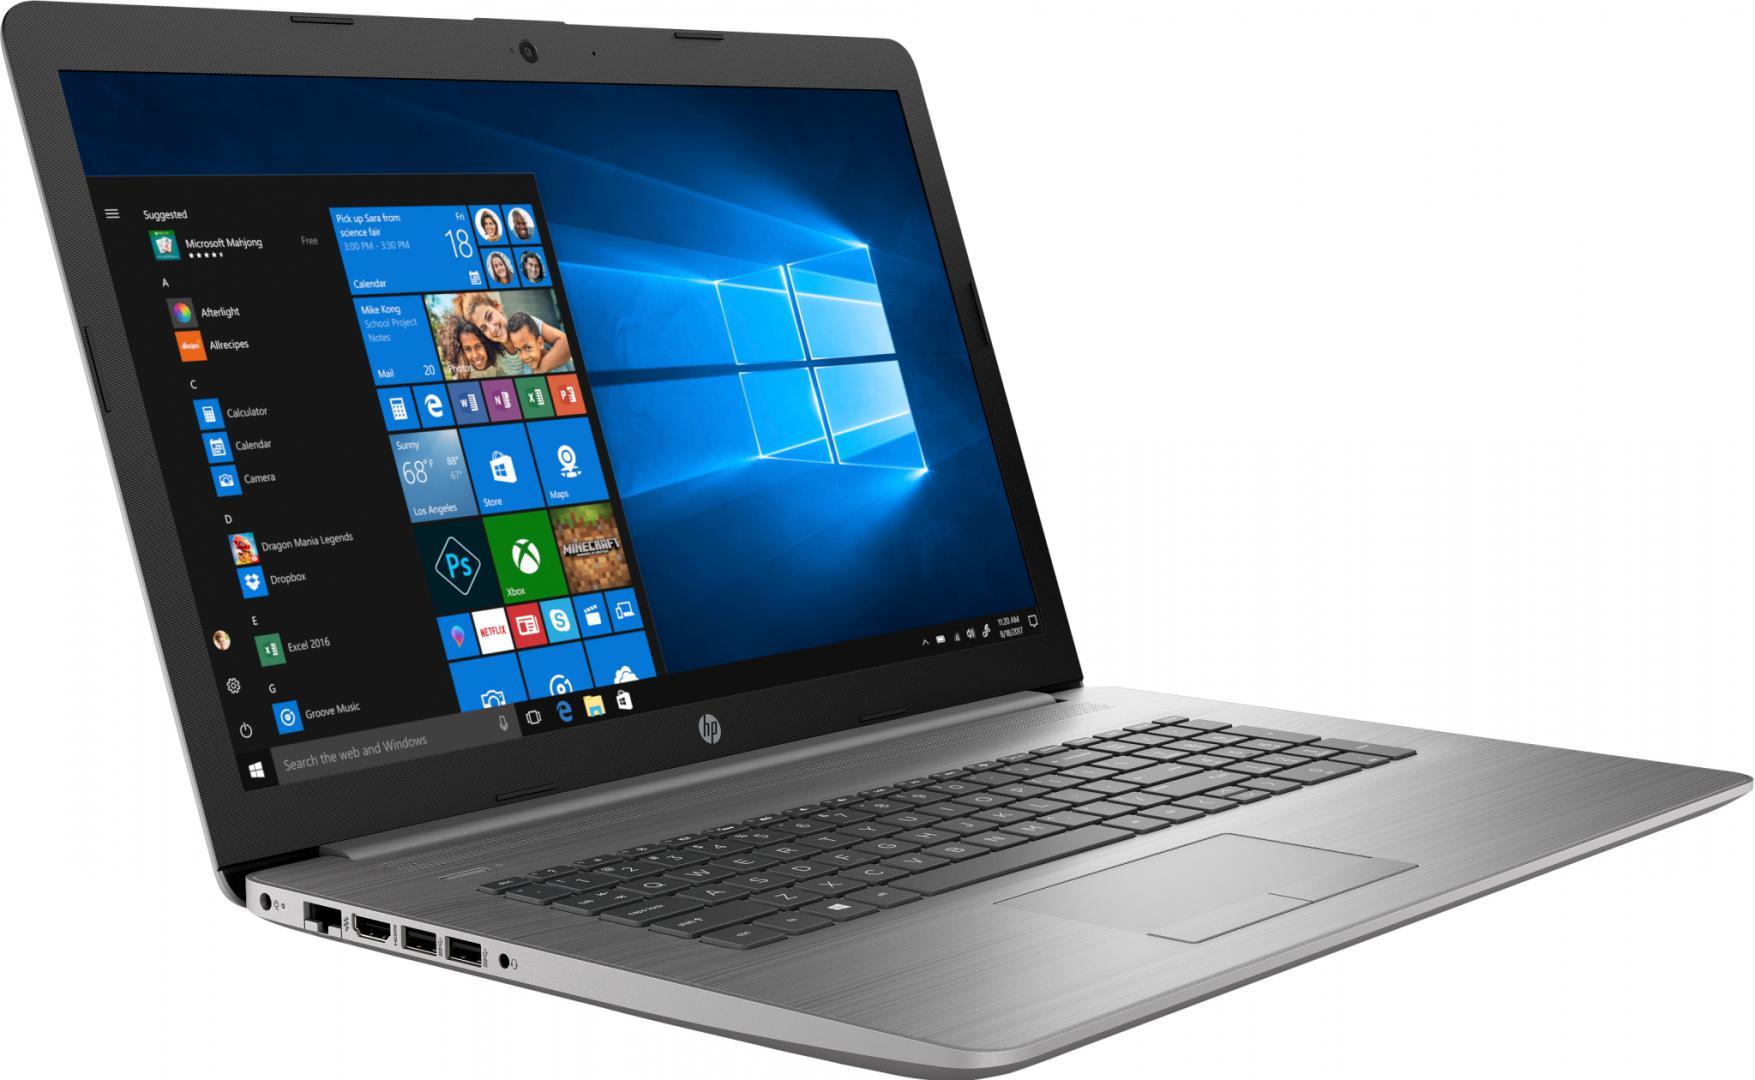 """NOTEBOOK HP 470G7 17.3"""" FHD i5-10210U 8GB 128GB+1TB tast.ilum. 2GB-AMD530 W10H - imaginea 2"""